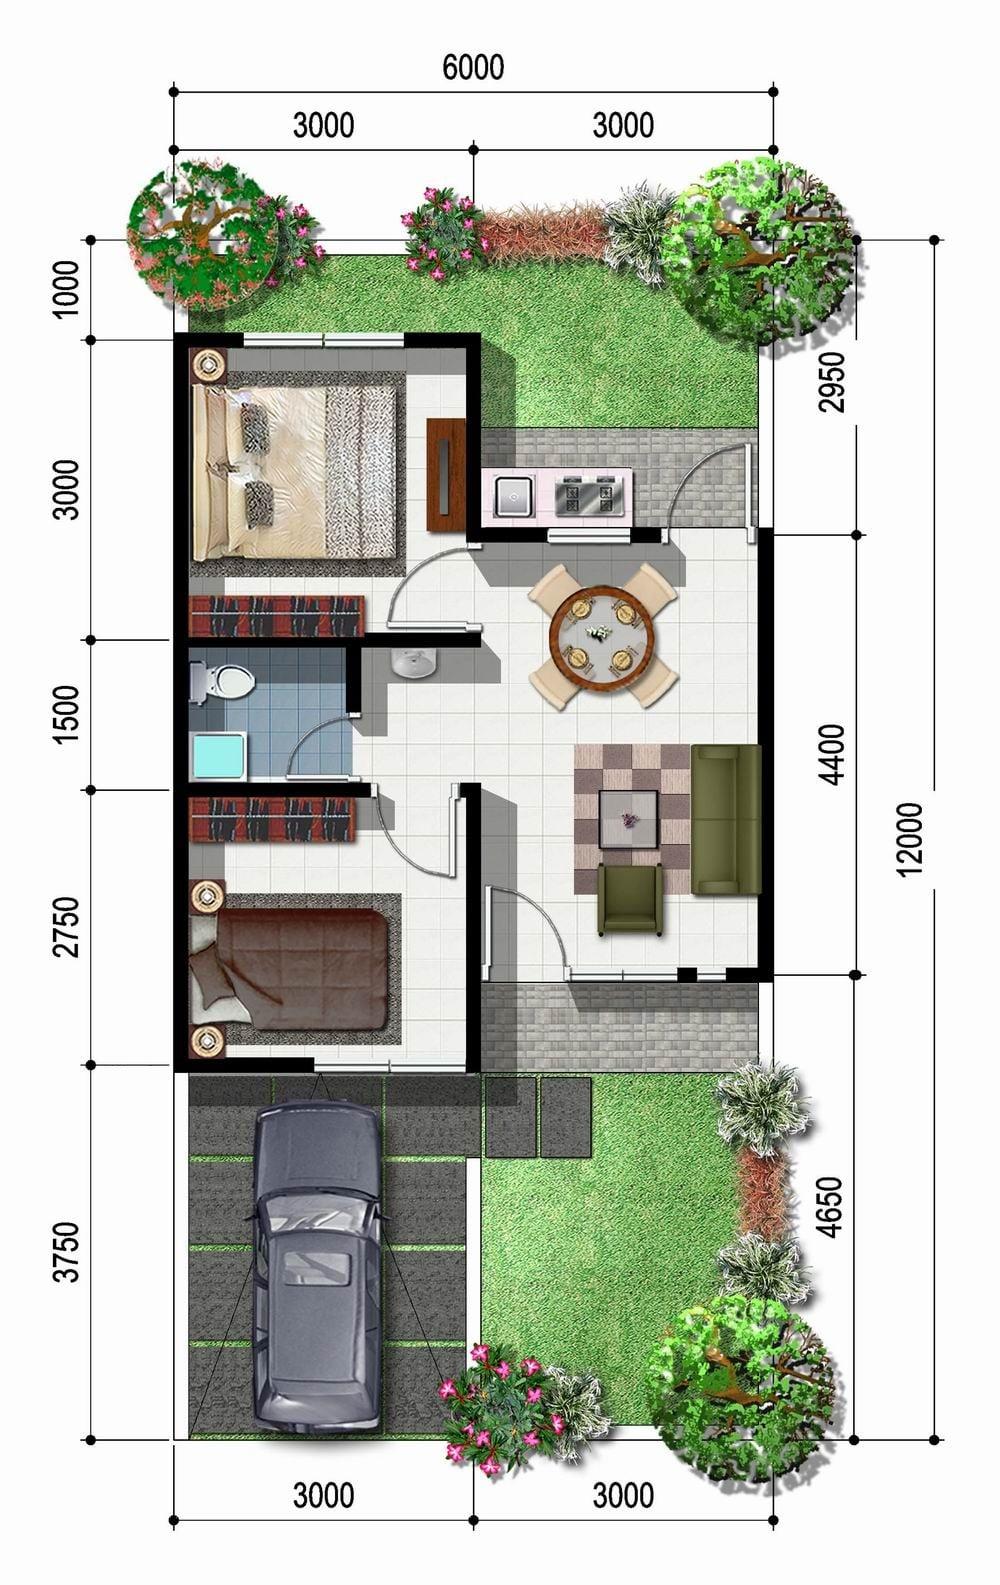 Desain Rumah Type 27/60 : desain, rumah, 27/60, Desain, Rumah, Minimalis, Paling, Terkenal, Deagam, Design